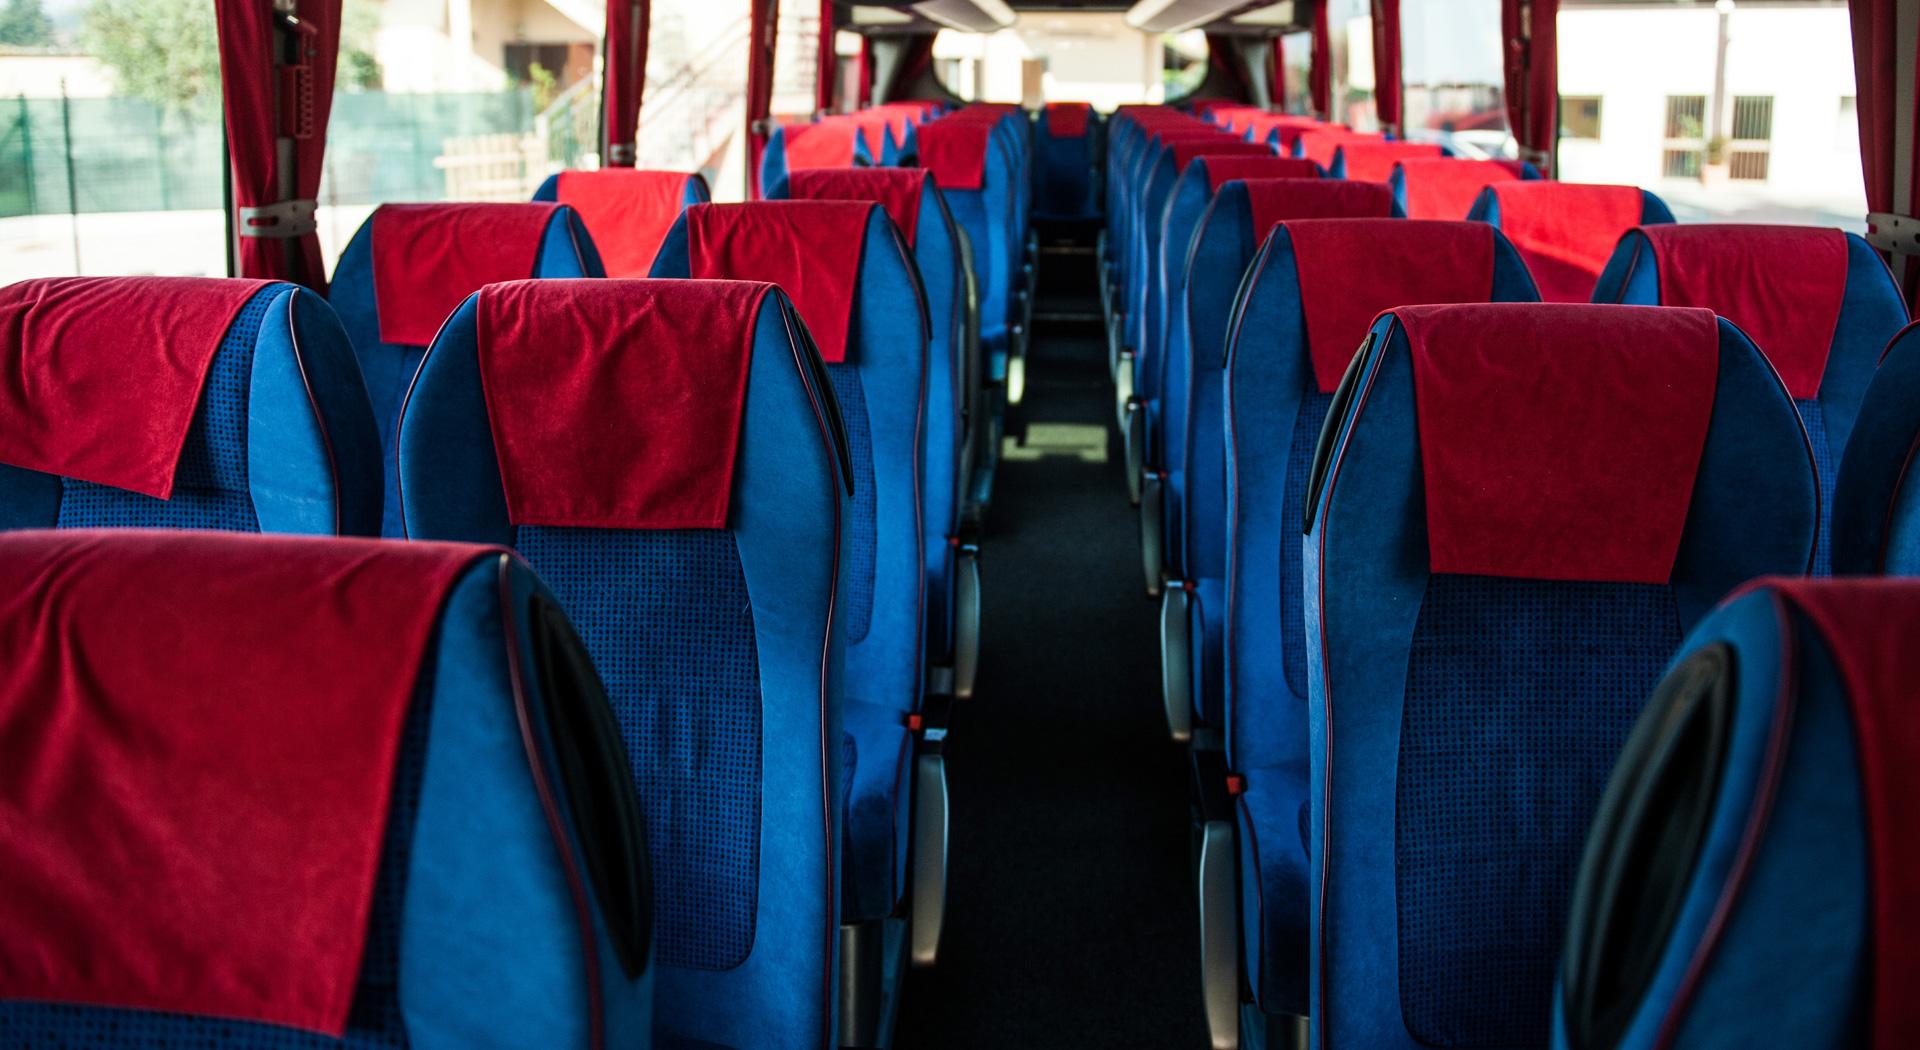 Pasqualini Autobus Verona - Irisbus Magelys 2